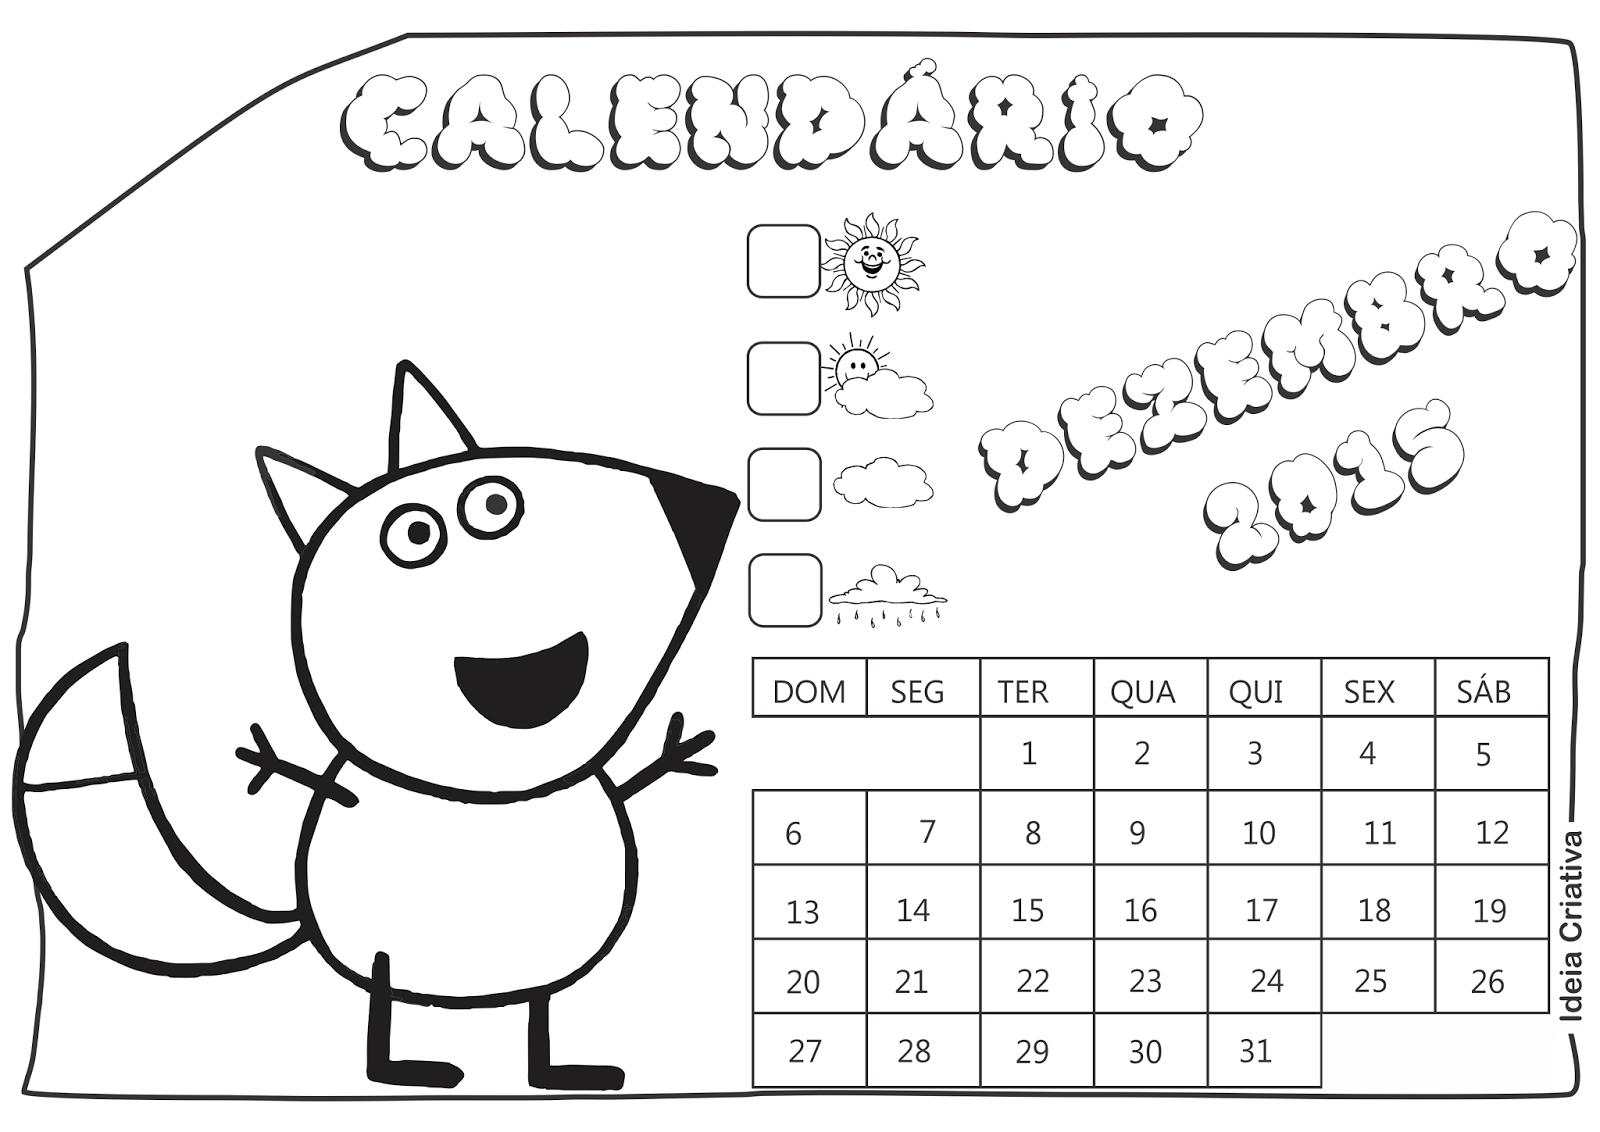 Calendário Dezembro 2015 Peppa Pig e Seus Amigos para Imprimir Grátis